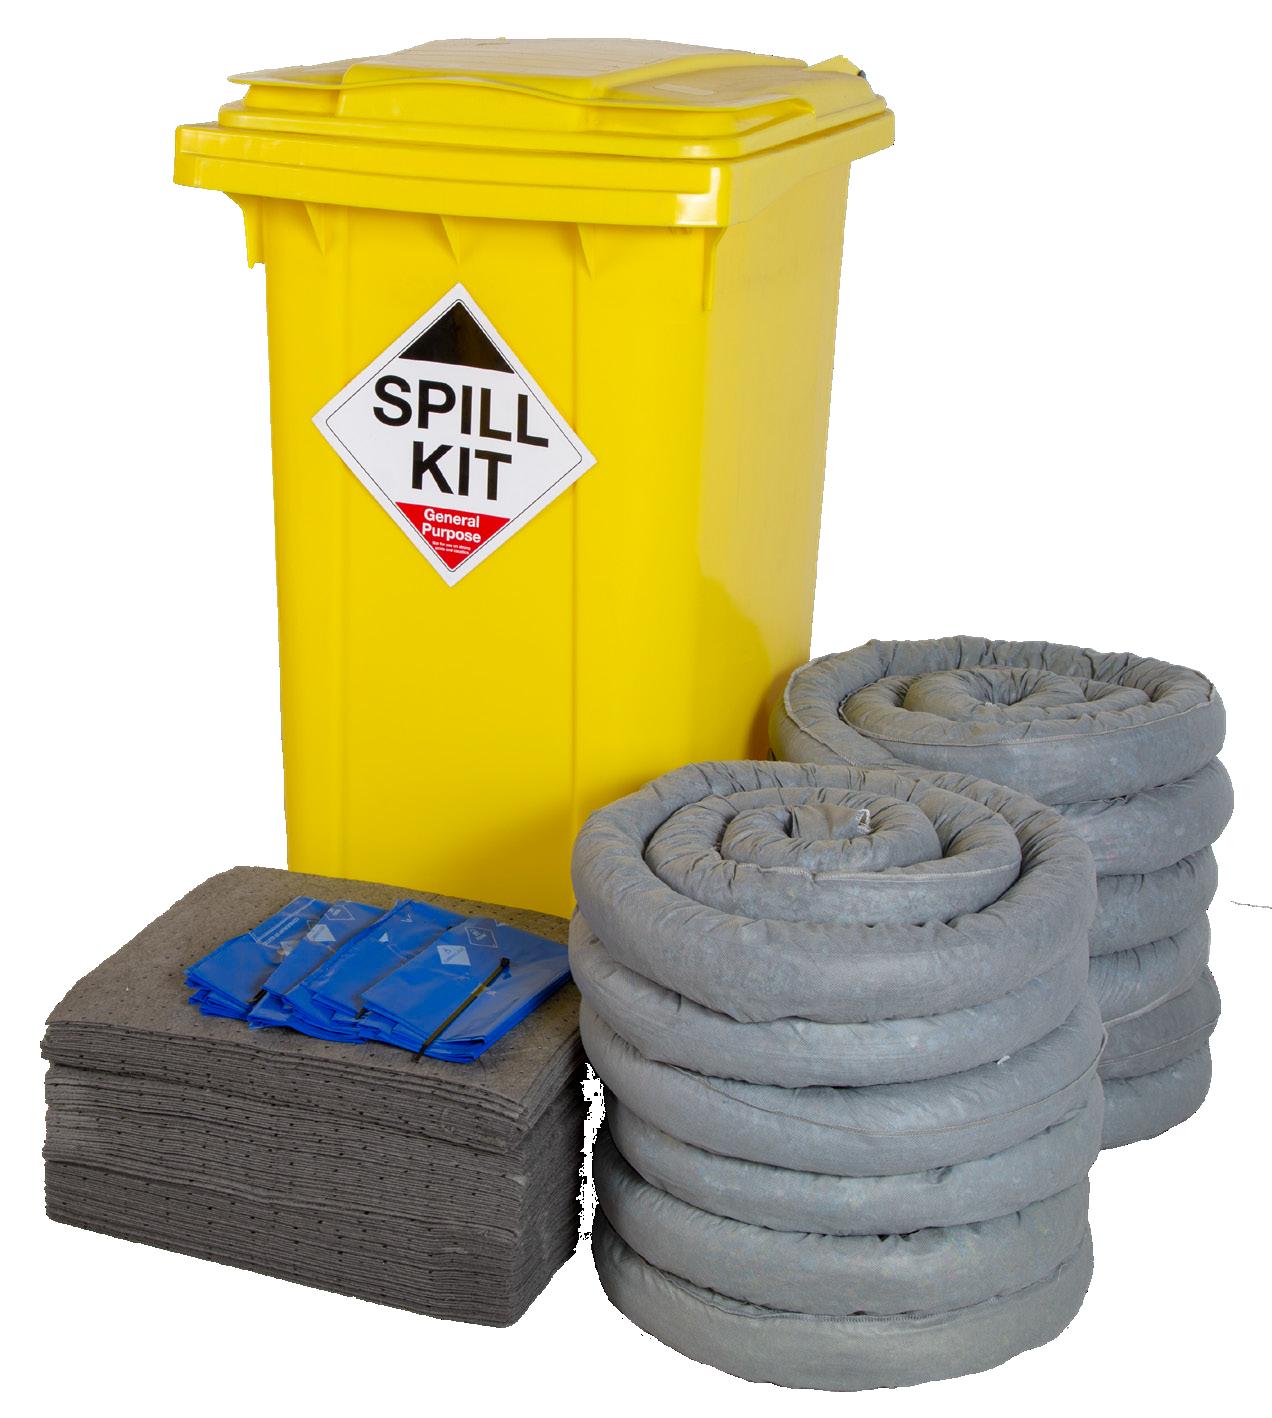 240 Litre General Purpose/Maintenance Spill Kit in Wheeled Bin